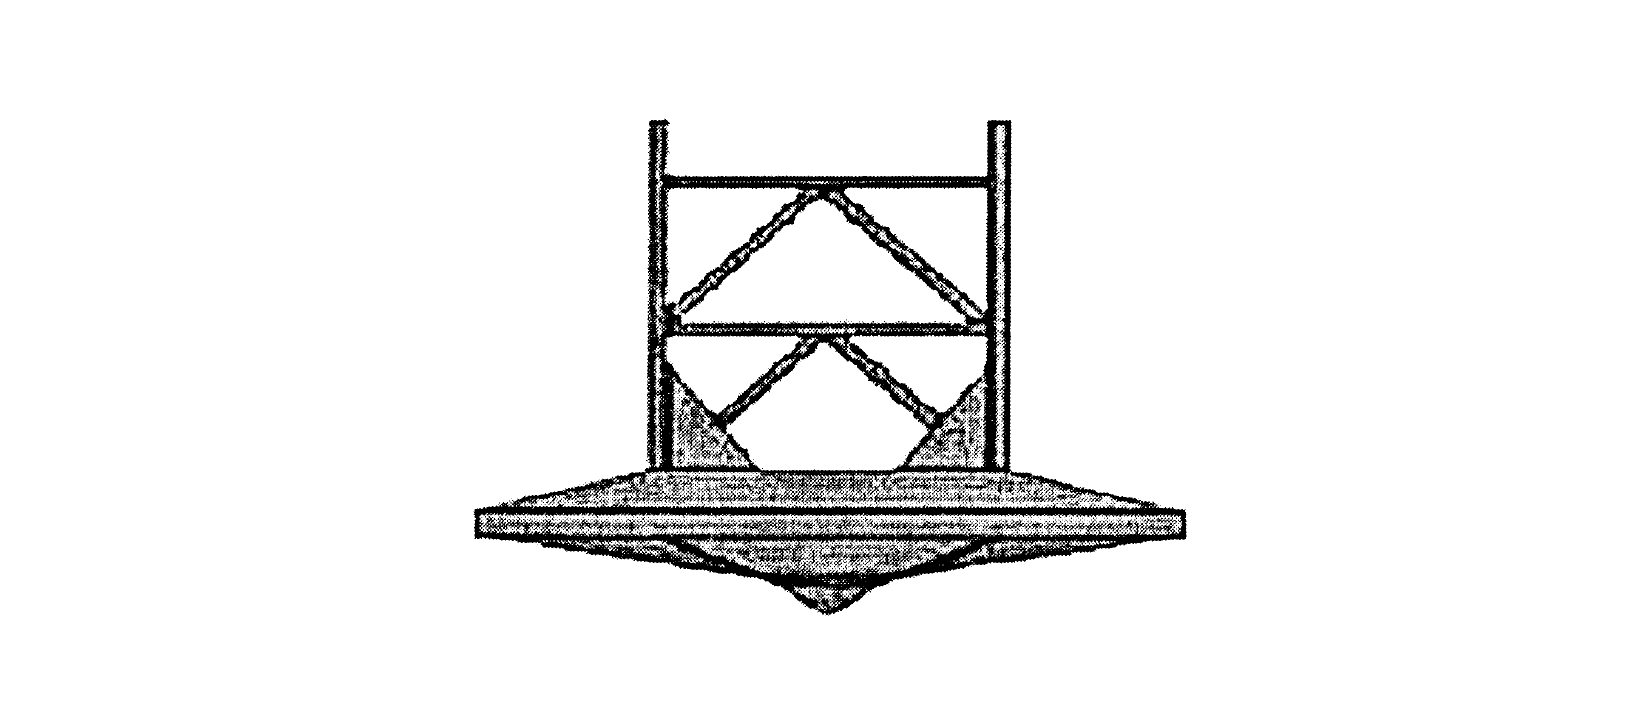 башмак ноги наводной буровой установки схема